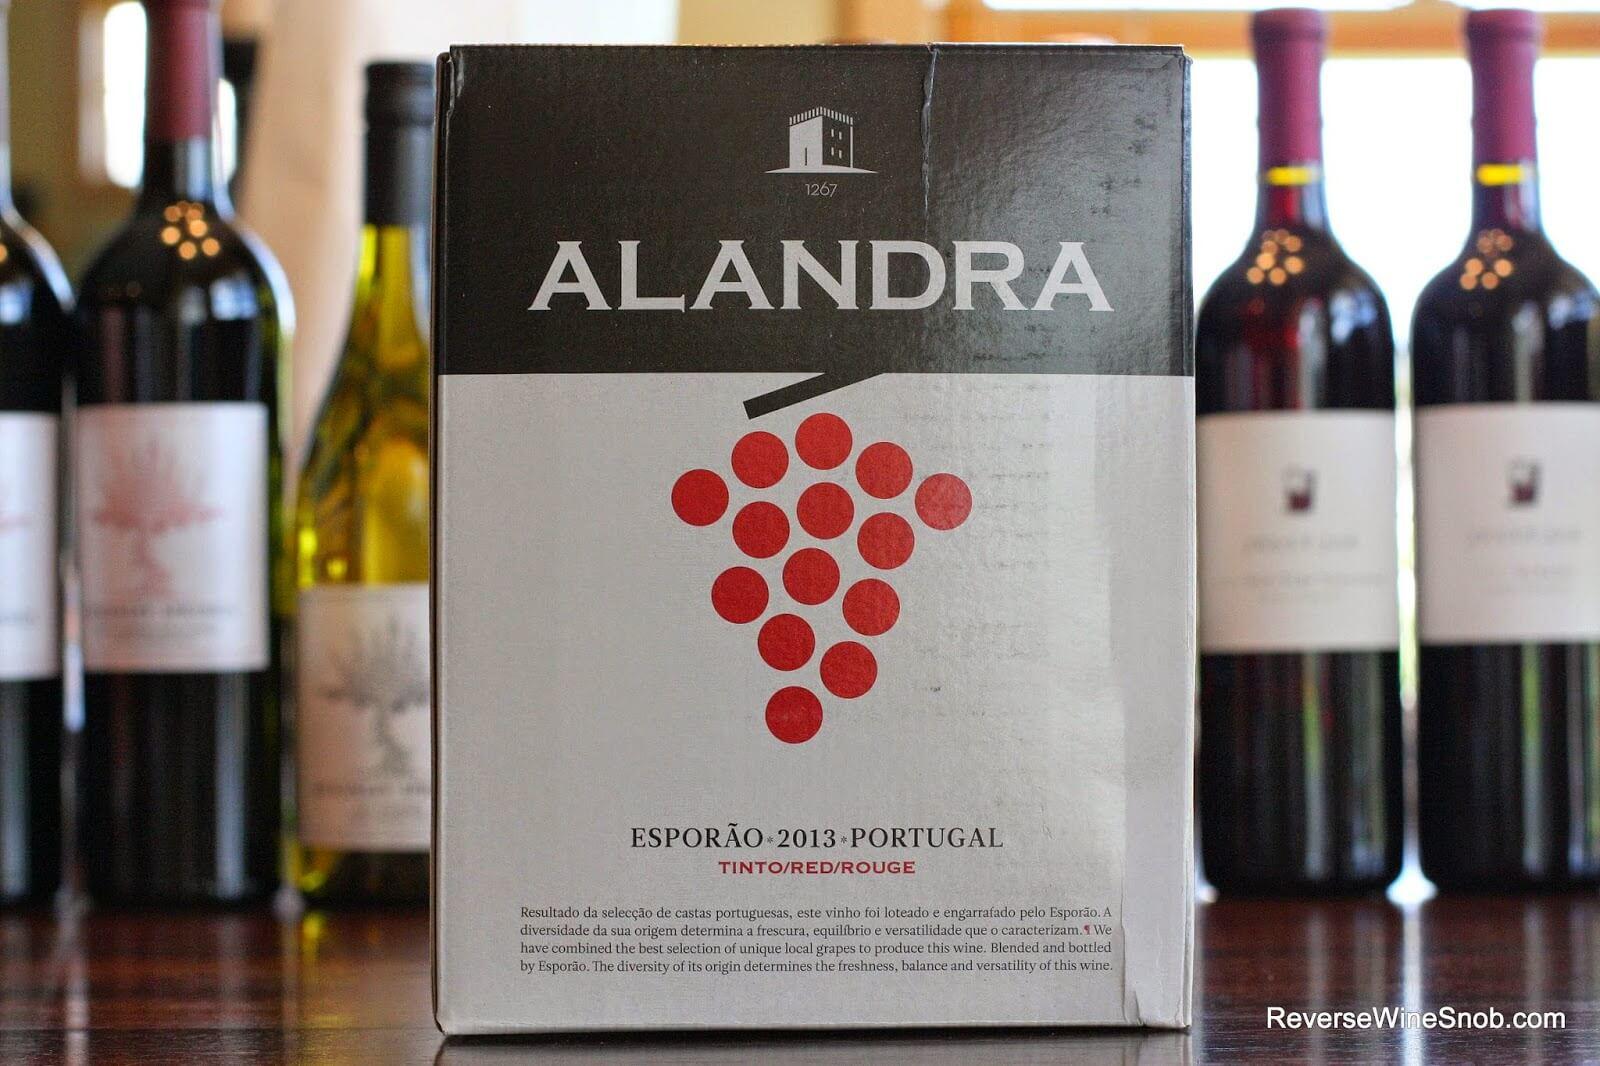 2013-Esporao-Alandra-Tinto-Red